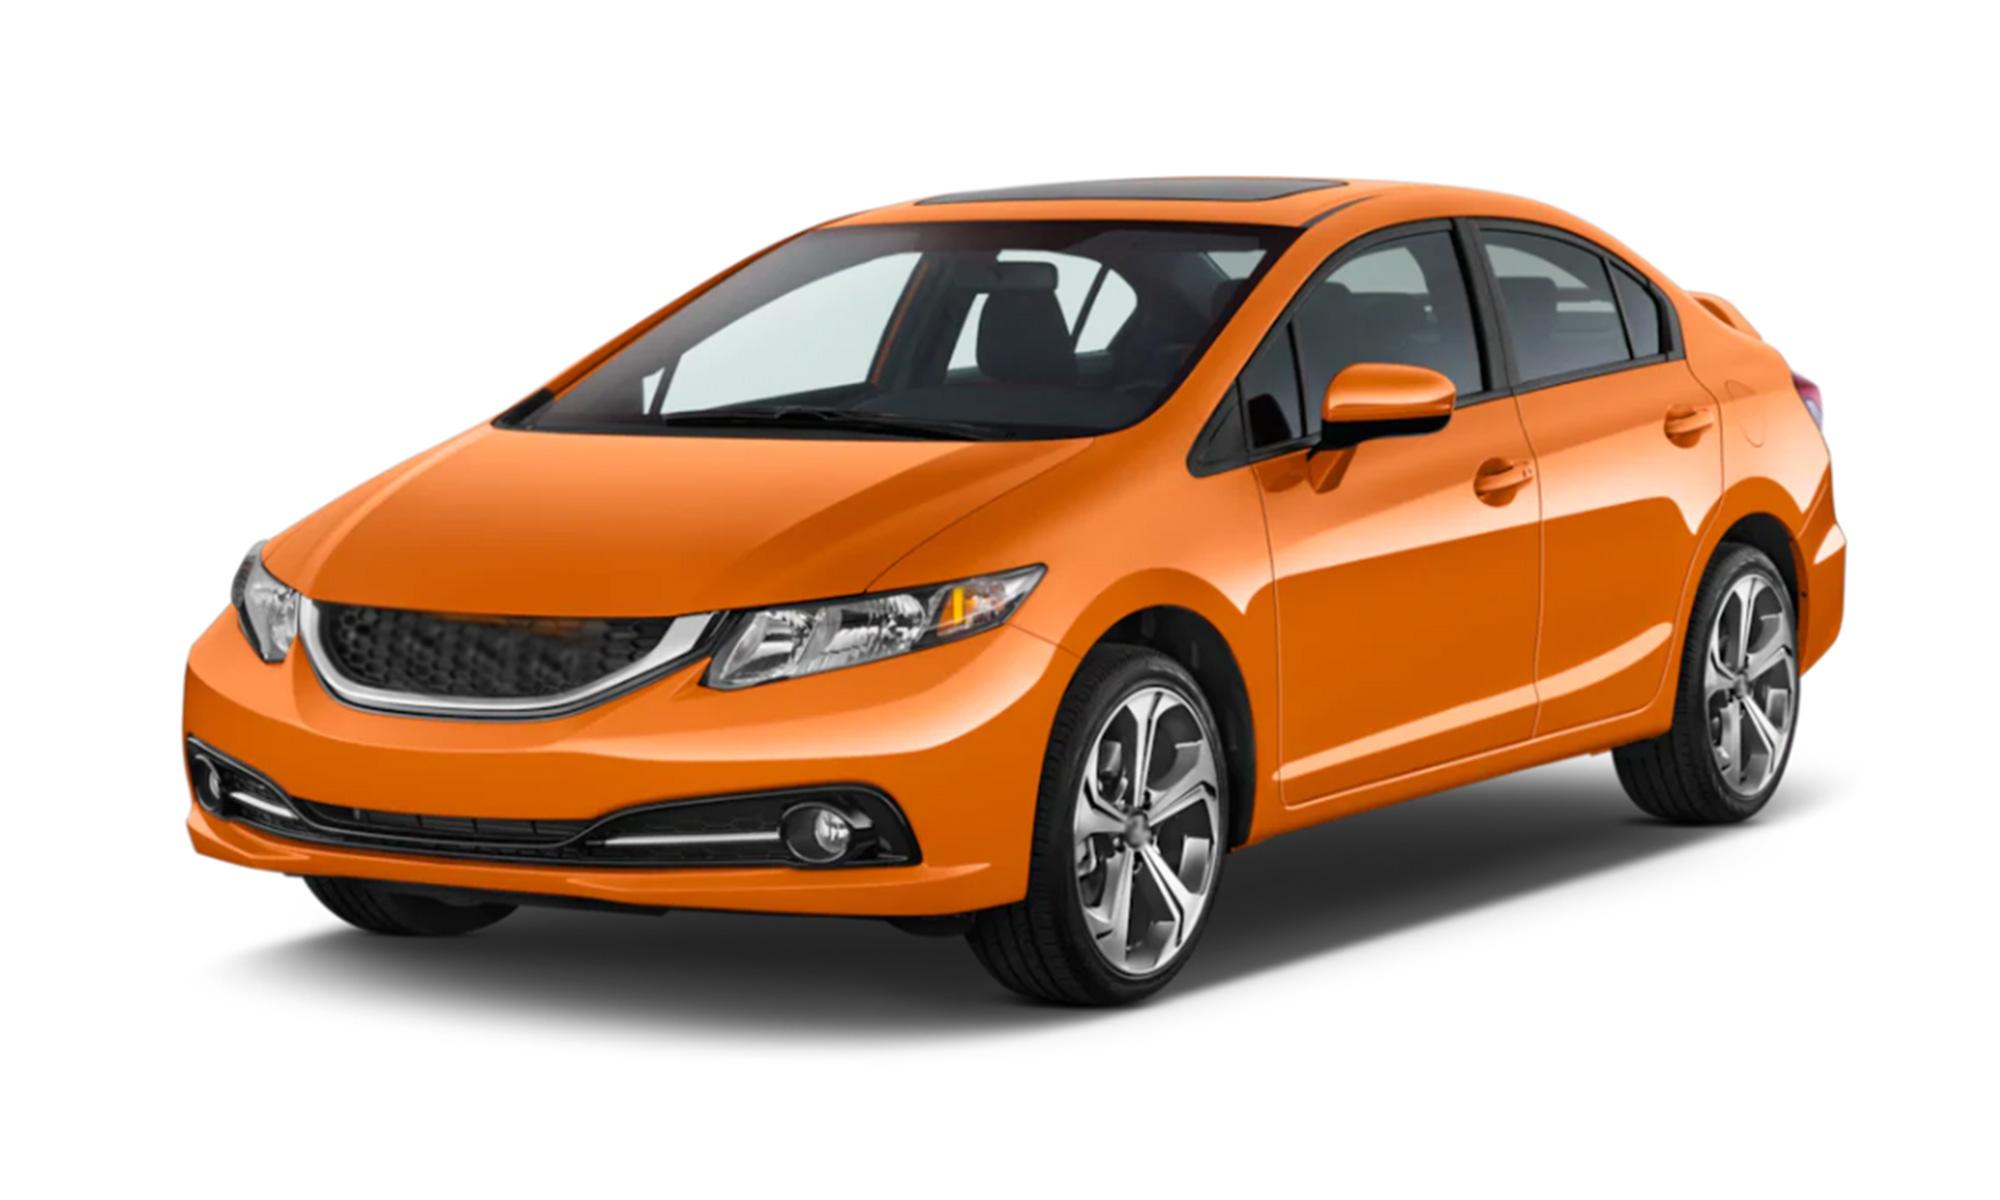 Chrysler-extended-warranty